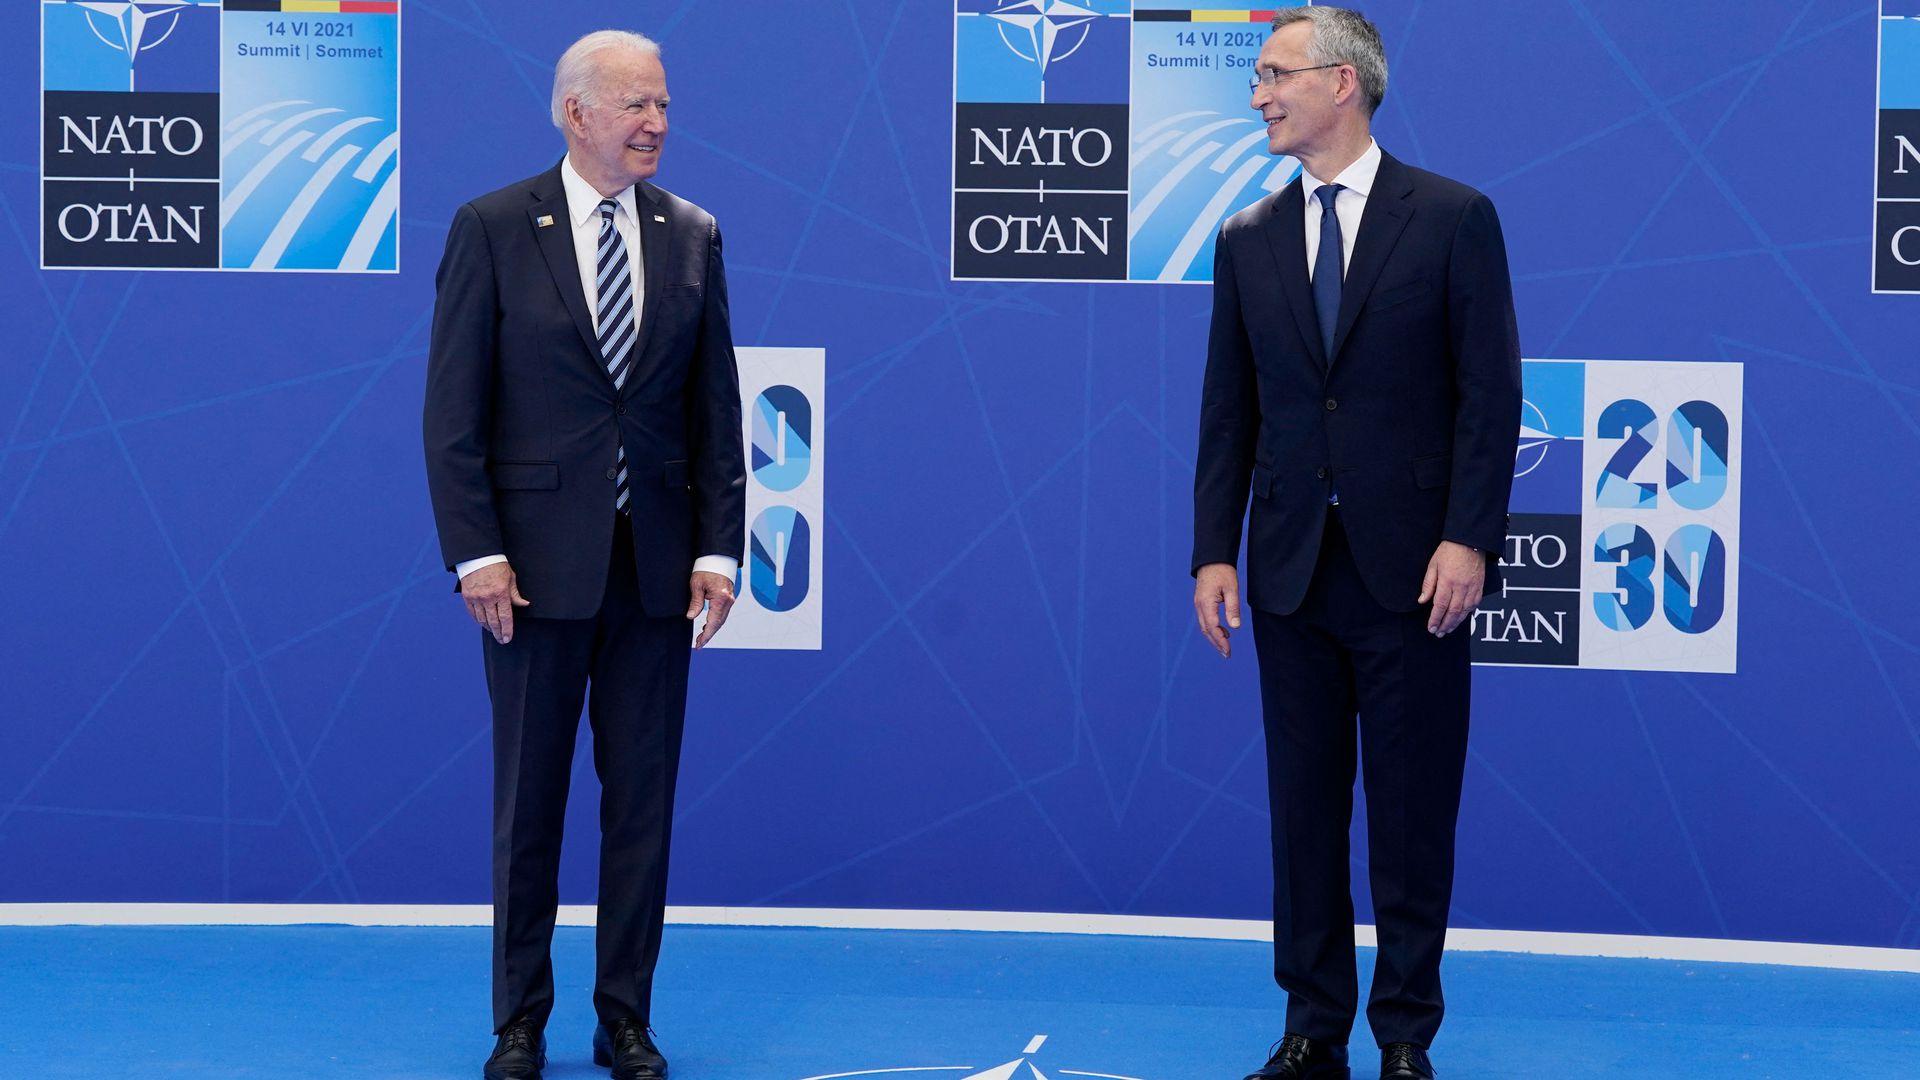 بايدن: سنزيد إنفاقنا الدفاعي في أوروبا و كندا وسنكثف التعاون مع دول حلف